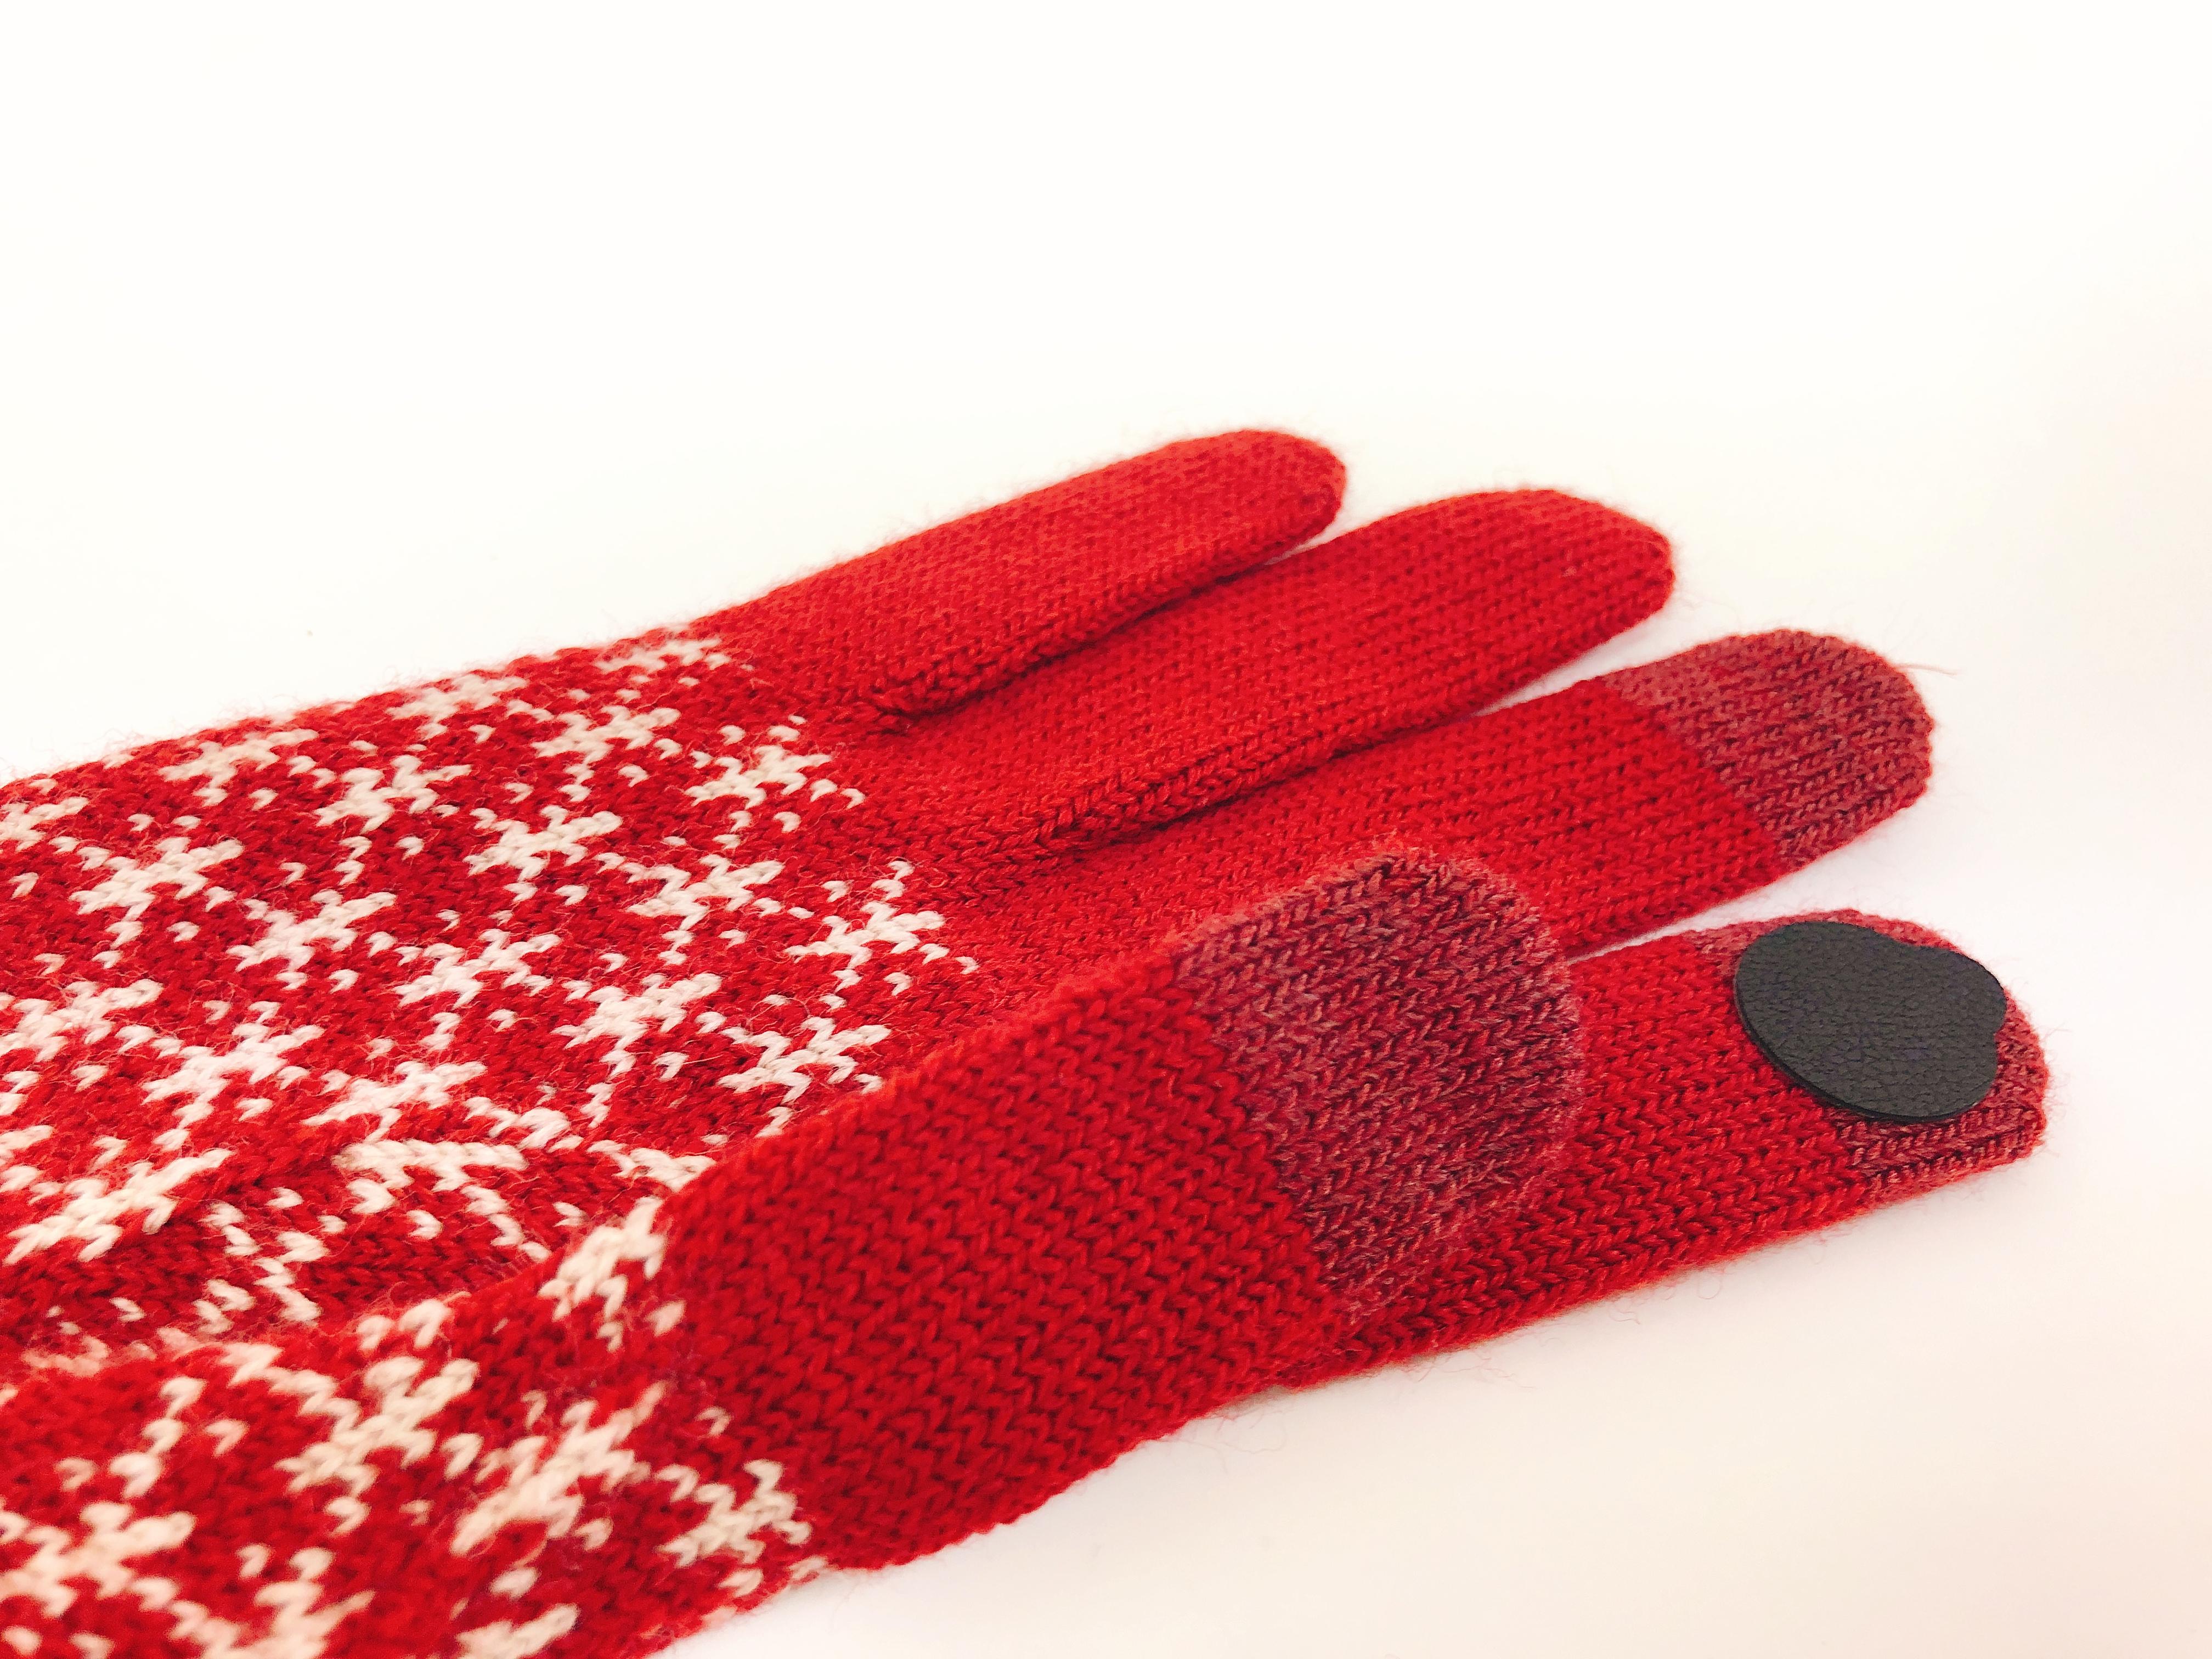 手袋したまま指紋認証!疑似指紋シールで無印の手袋をtouch ID対応にする方法